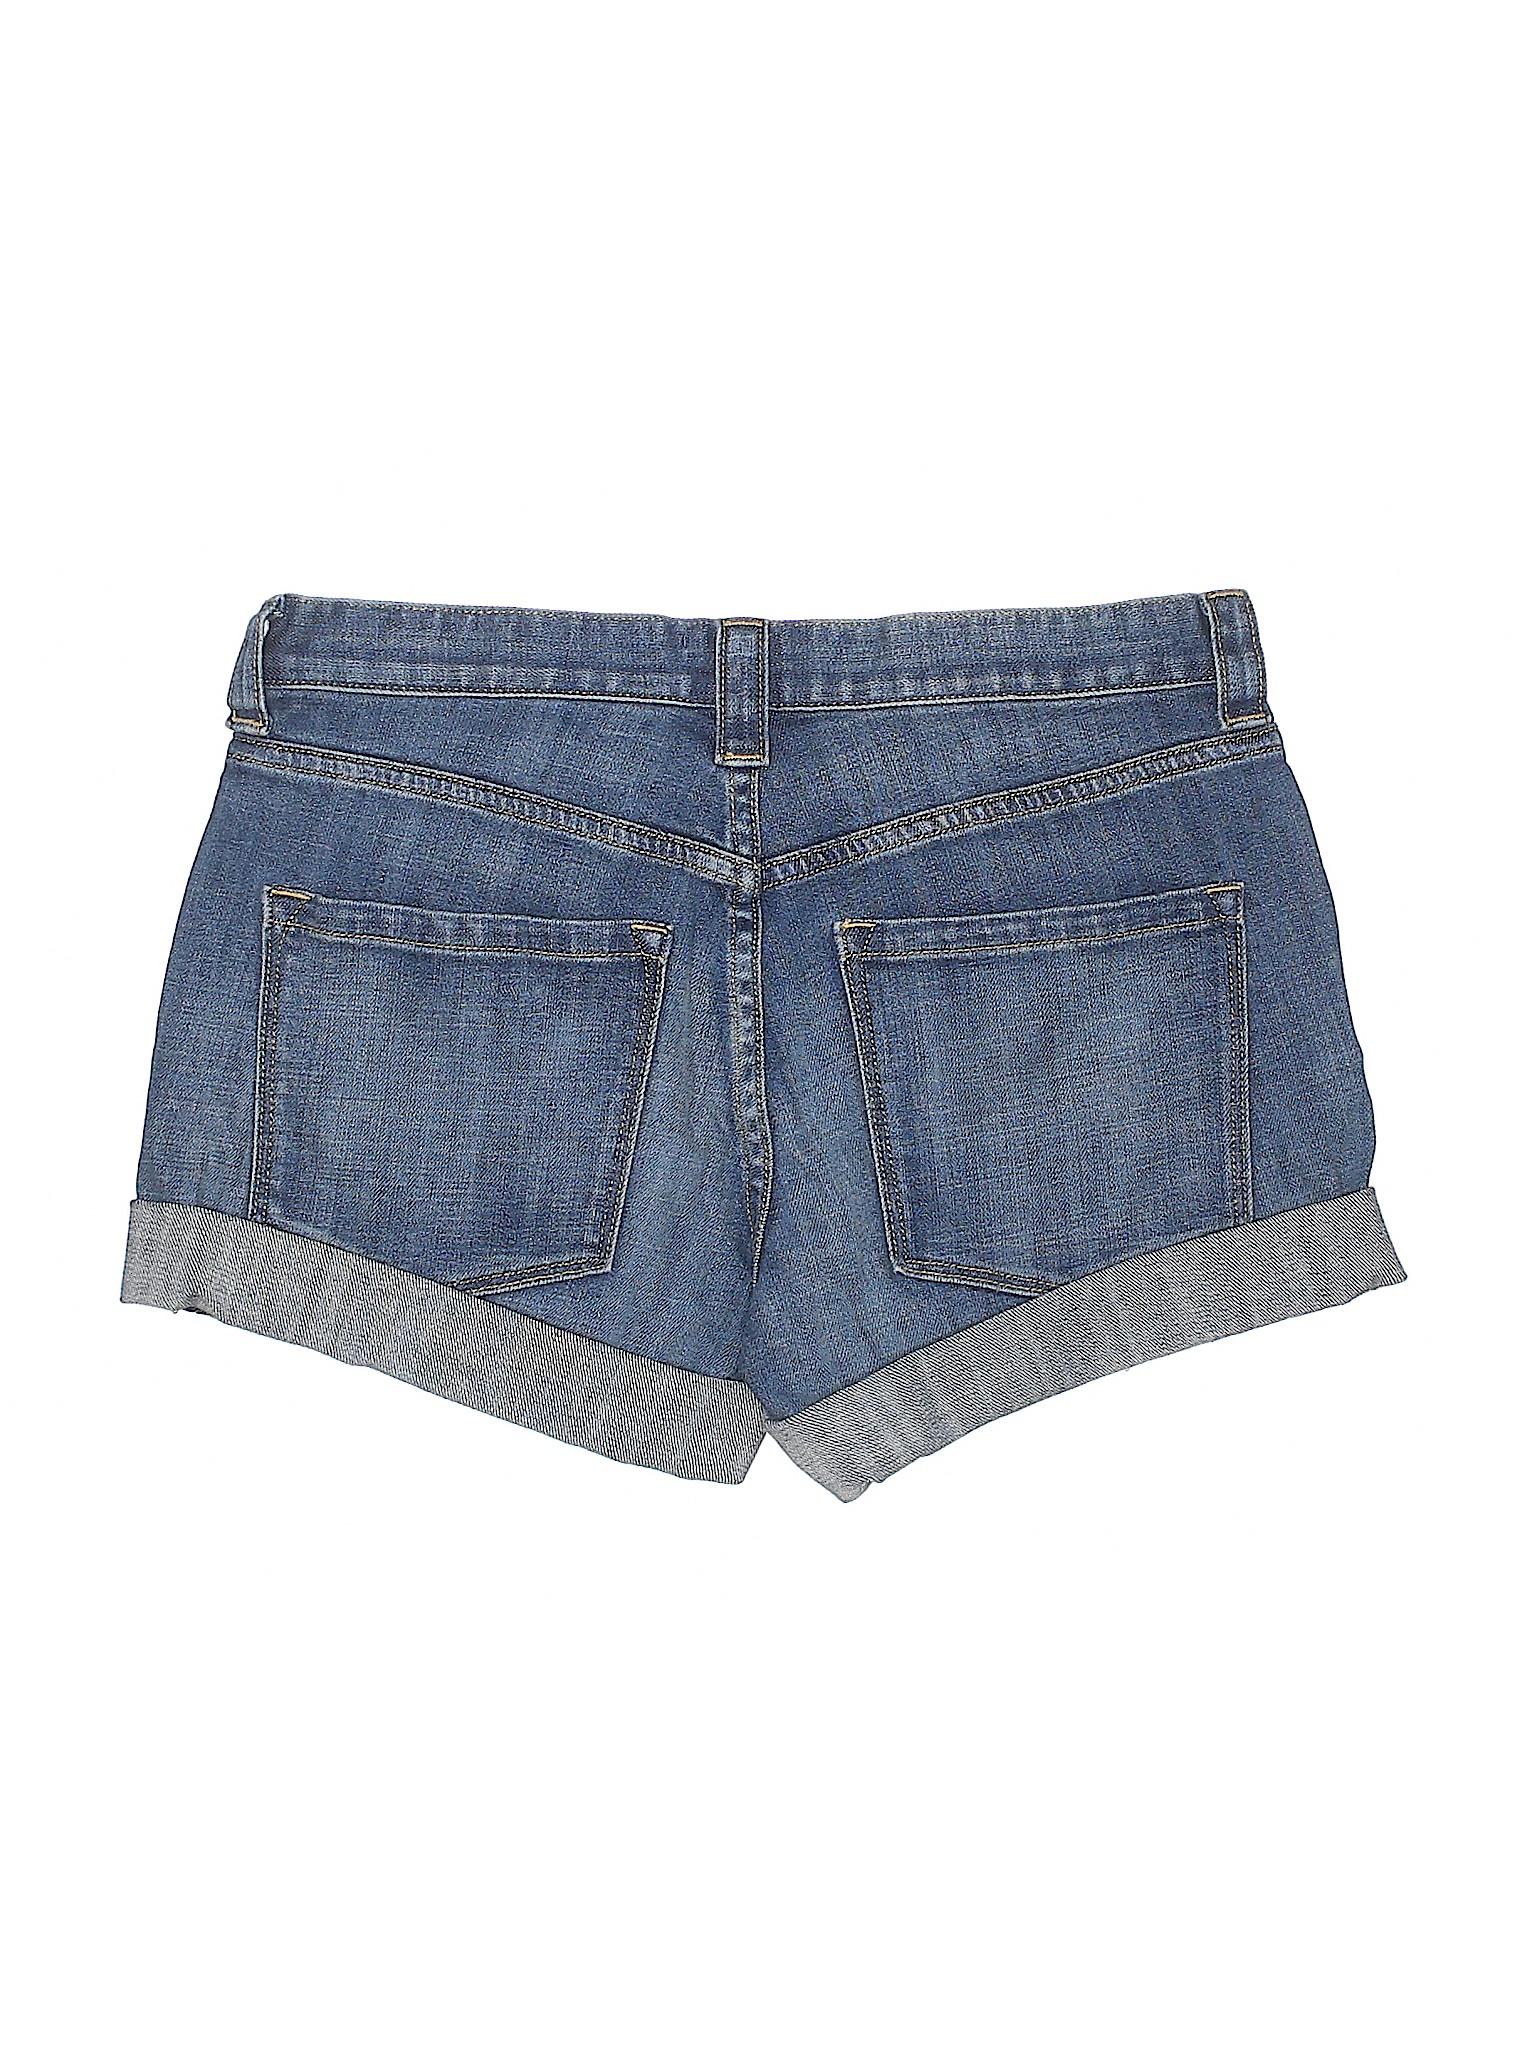 Denim J Crew Factory Boutique Shorts Store winter wXO5x8qE6